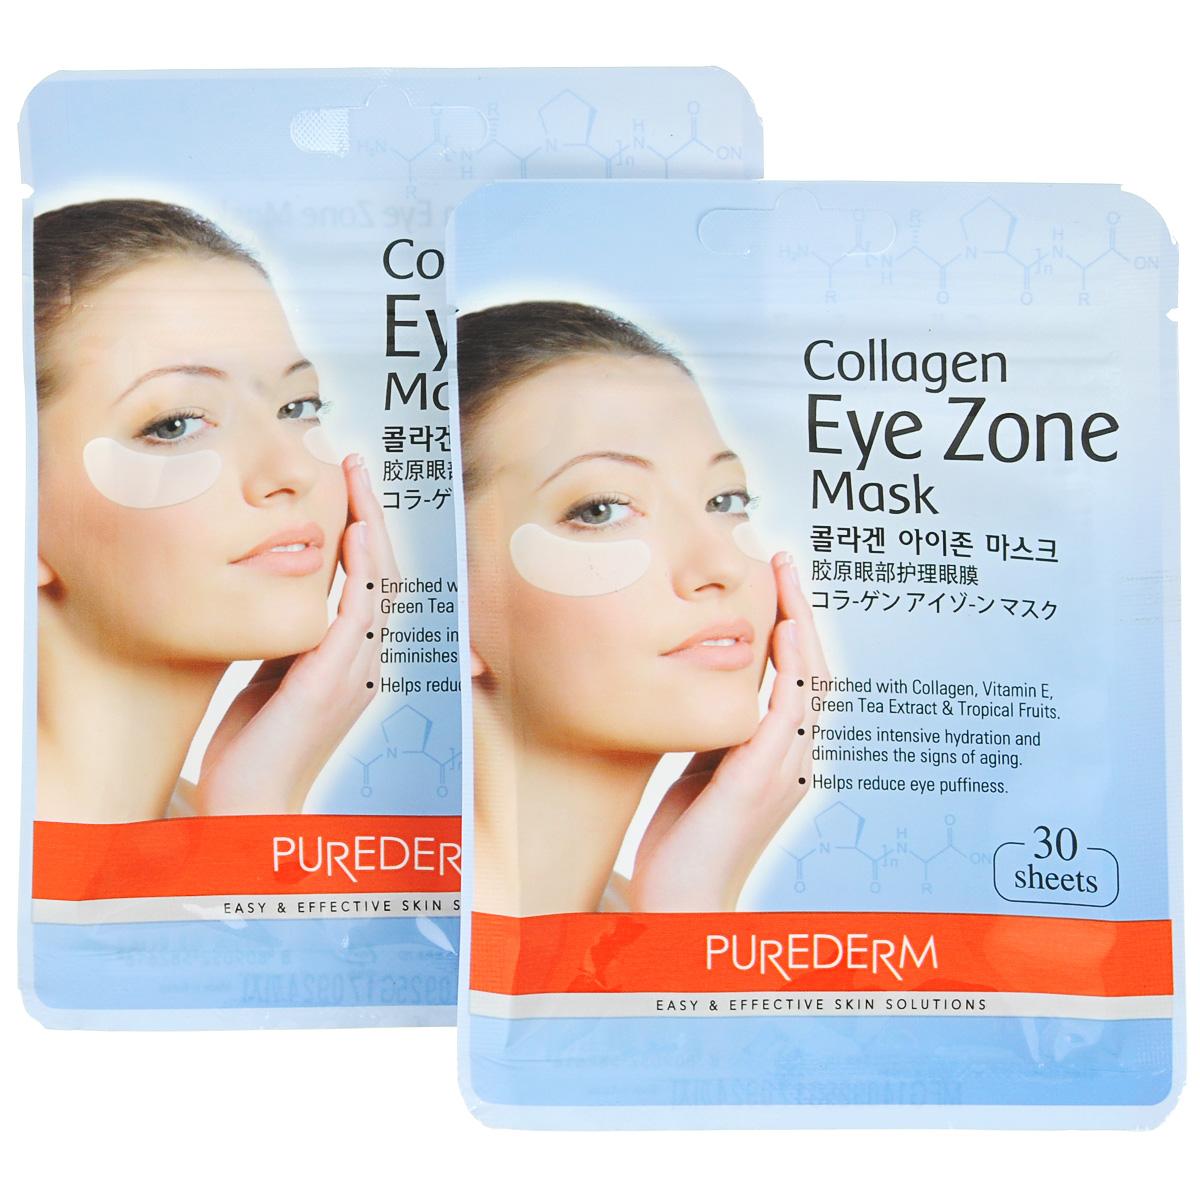 Purederm Коллагеновая маска для области вокруг глаз, 2 х 25 г6242Purederm Collagen Eye Zone Mask - патчи для области вокруг глаз на основе фито-коллагена, витамина Е, экстракта зеленого чая и тропических фруктов. Патчи способствуют интенсивному увлажнению нежной кожи век, уменьшают следы возраста, освежают взгляд, помогают уменьшить темные круги под глазами и снять отеки и припухлости. Возраст женщины написан у нее во взгляде! Как мы прекрасно выглядим, когда высыпаемся: взгляд свежий и ясный, прекрасный цвет лица и великолепное настроение! Но, к сожалению, удается это большинству женщин нечасто. Как хорошо, что существуют такие помощники, как Purederm Collagen Eye Zone Mask! Всего 10 минут утром и свежий и ясный взгляд нам обеспечен, особенно учитывая пользу для кожи и пролонгированный результат. С первого применения область под глазами заметно светлеет, разглаживается, припухлости исчезают. Очень удобно, проснувшись утром, заварить свежий ароматный чай, нанести патчи под глаза и получить двойное удовольствие от бодрящего напитка, охлаждающего действия патчей и результата, который вы получите, когда закончите ваш завтрак - свежий и ясный взгляд, никаких отеков и нежная гладкая кожа. Подходит для всех типов кожи.